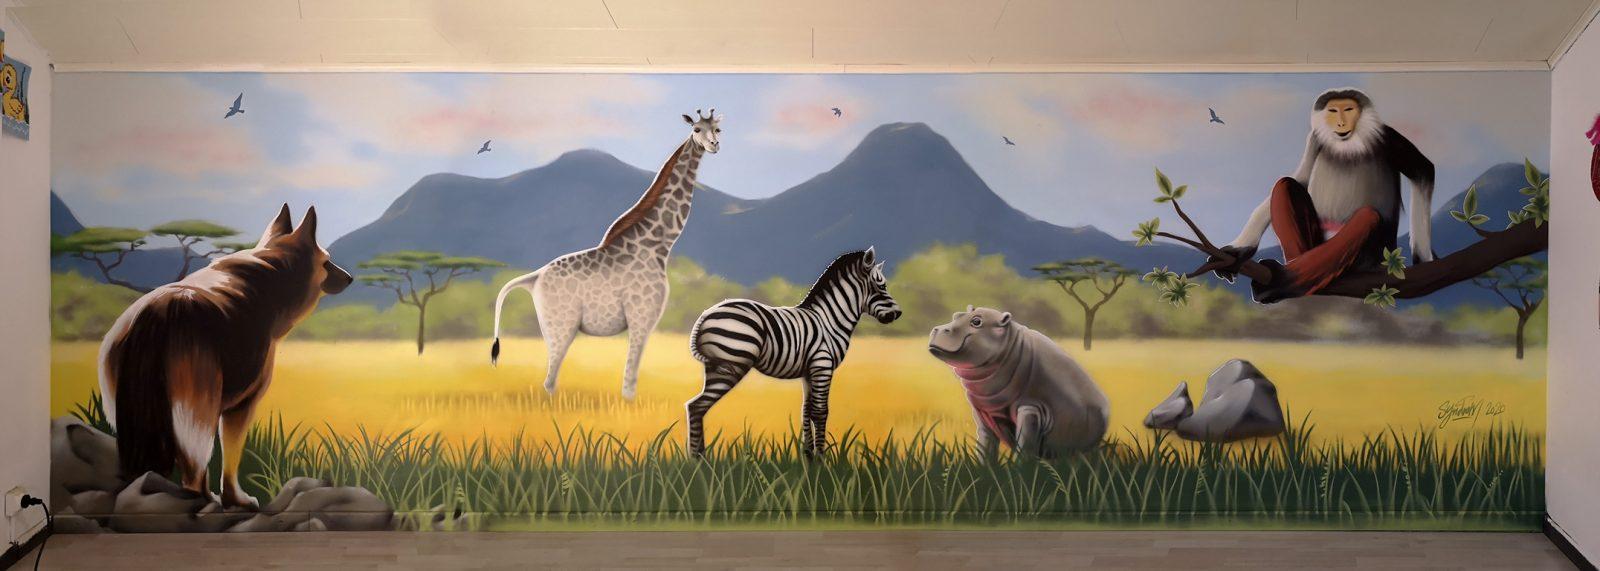 Fresque murale réalisée à l'aérosol et aérographe